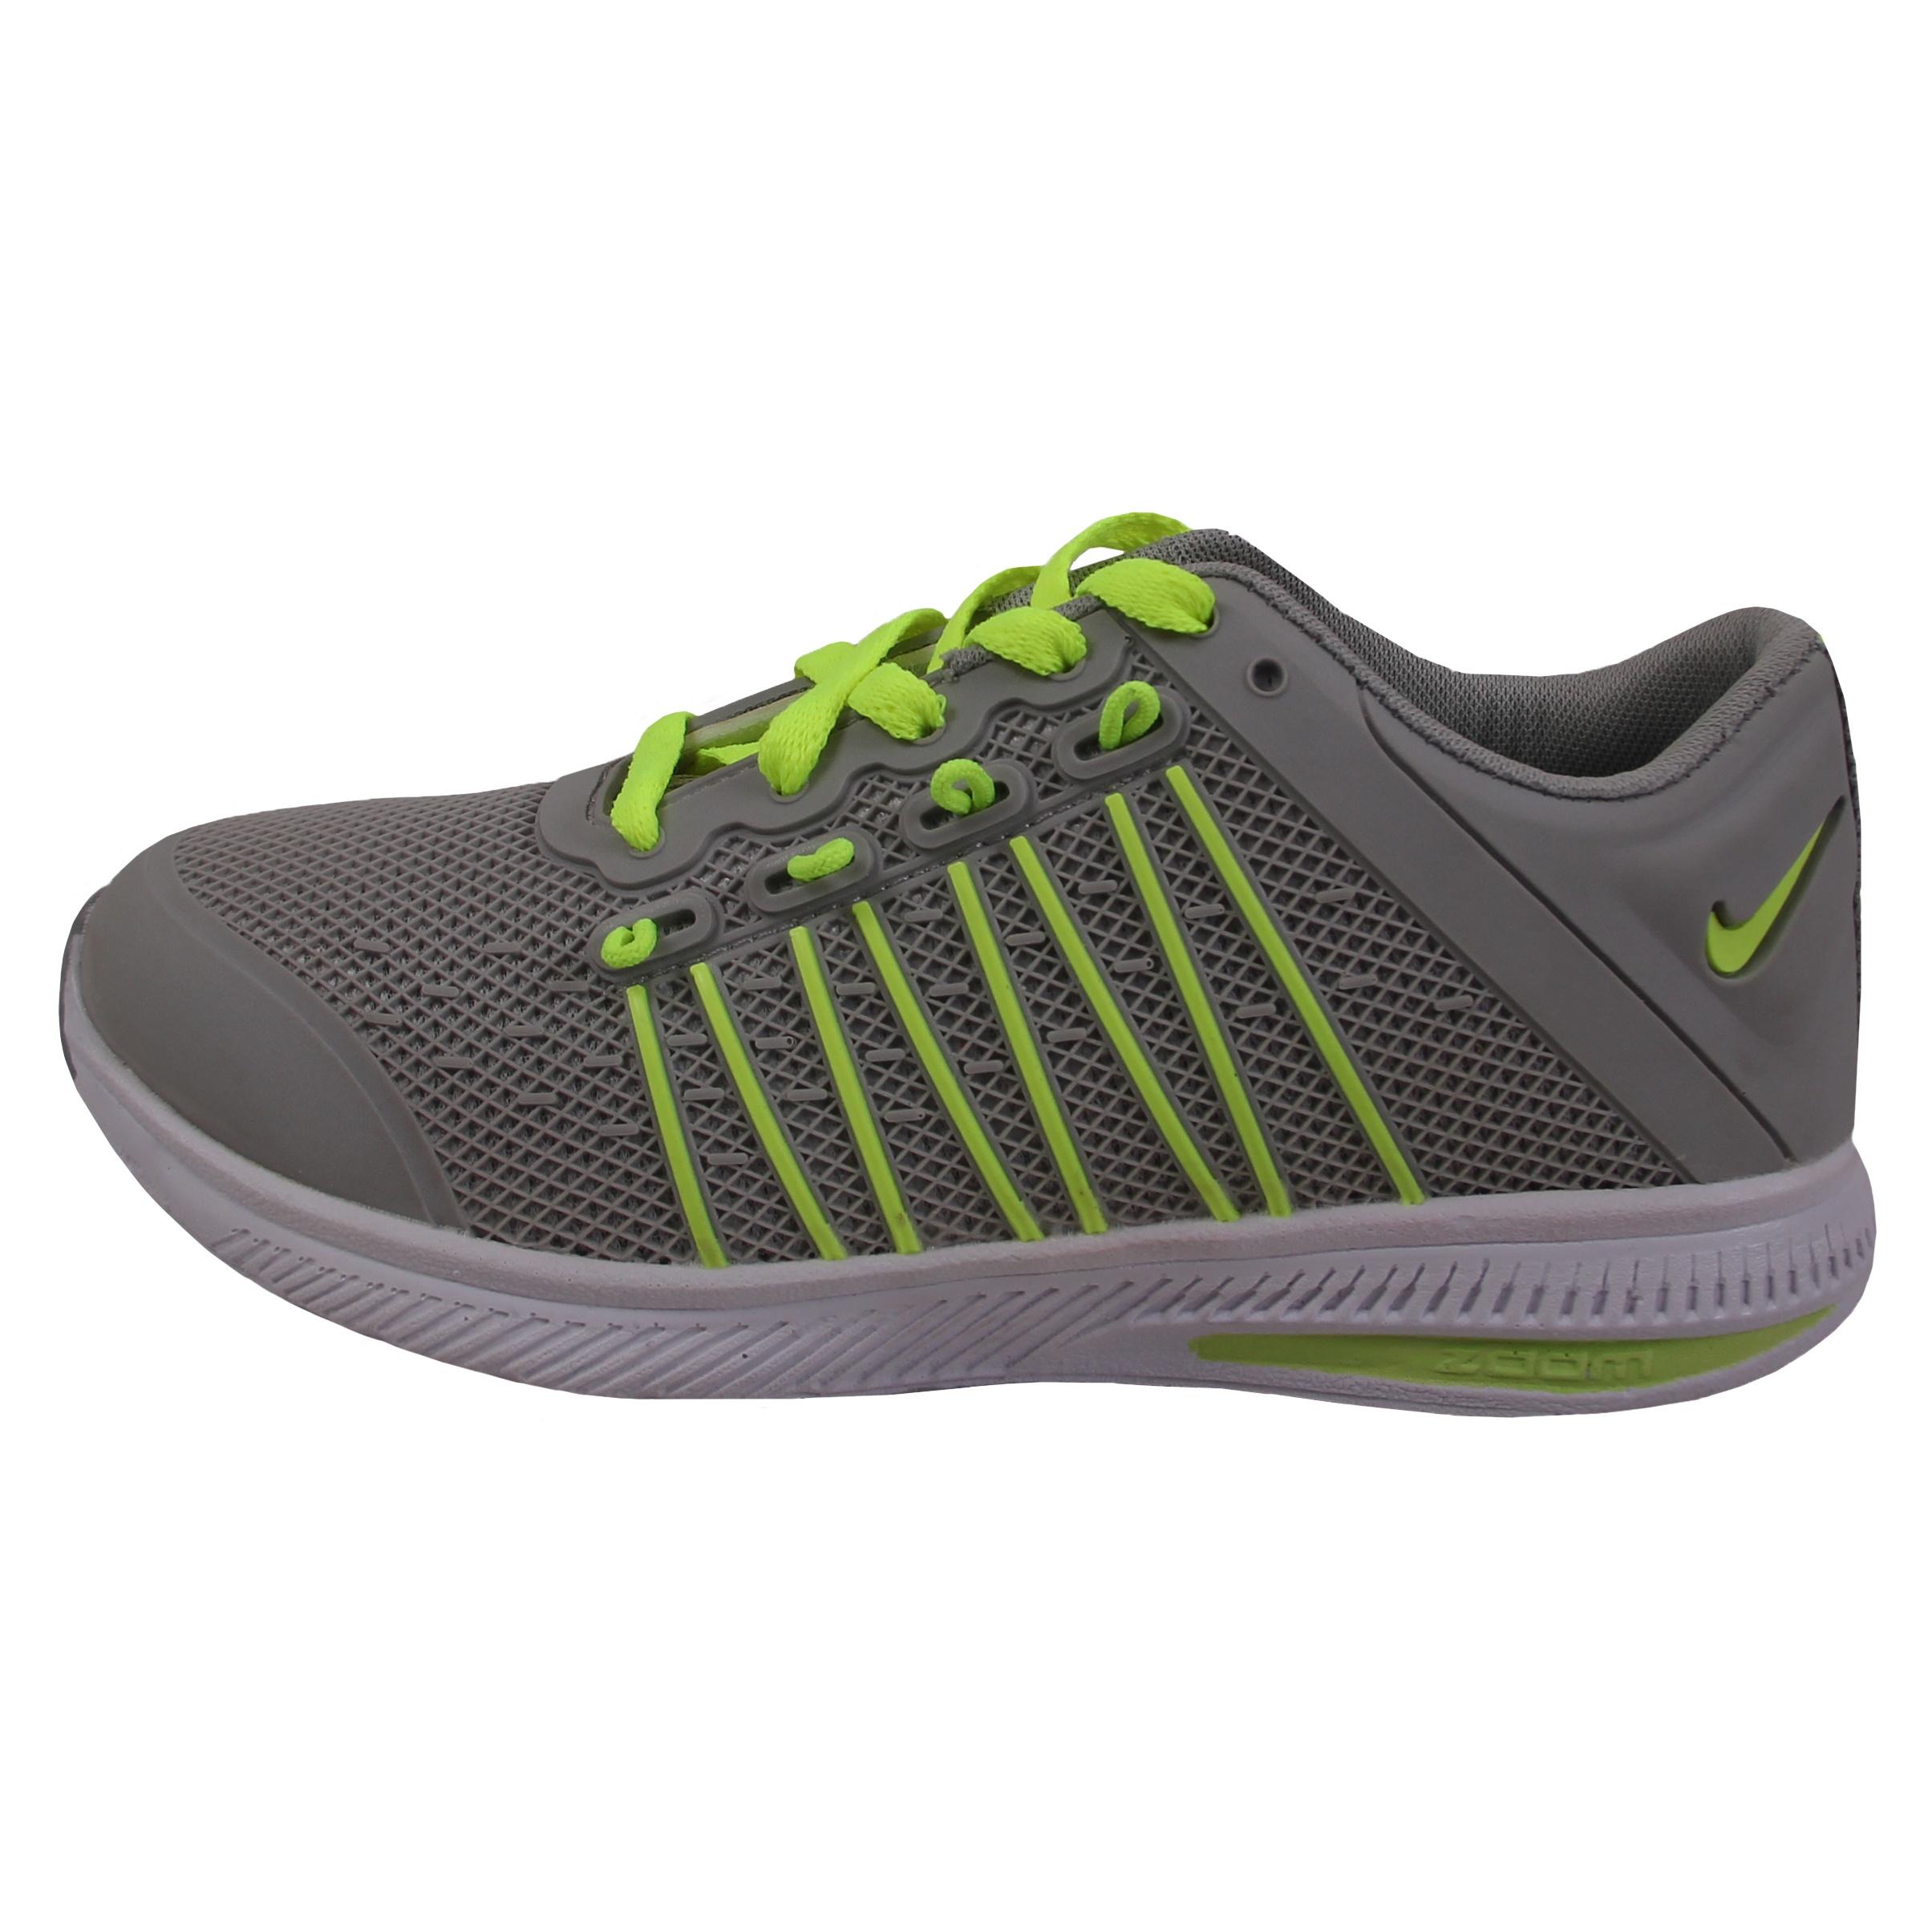 کفش مخصوص پیاده روی زنانه کد 136-1396141